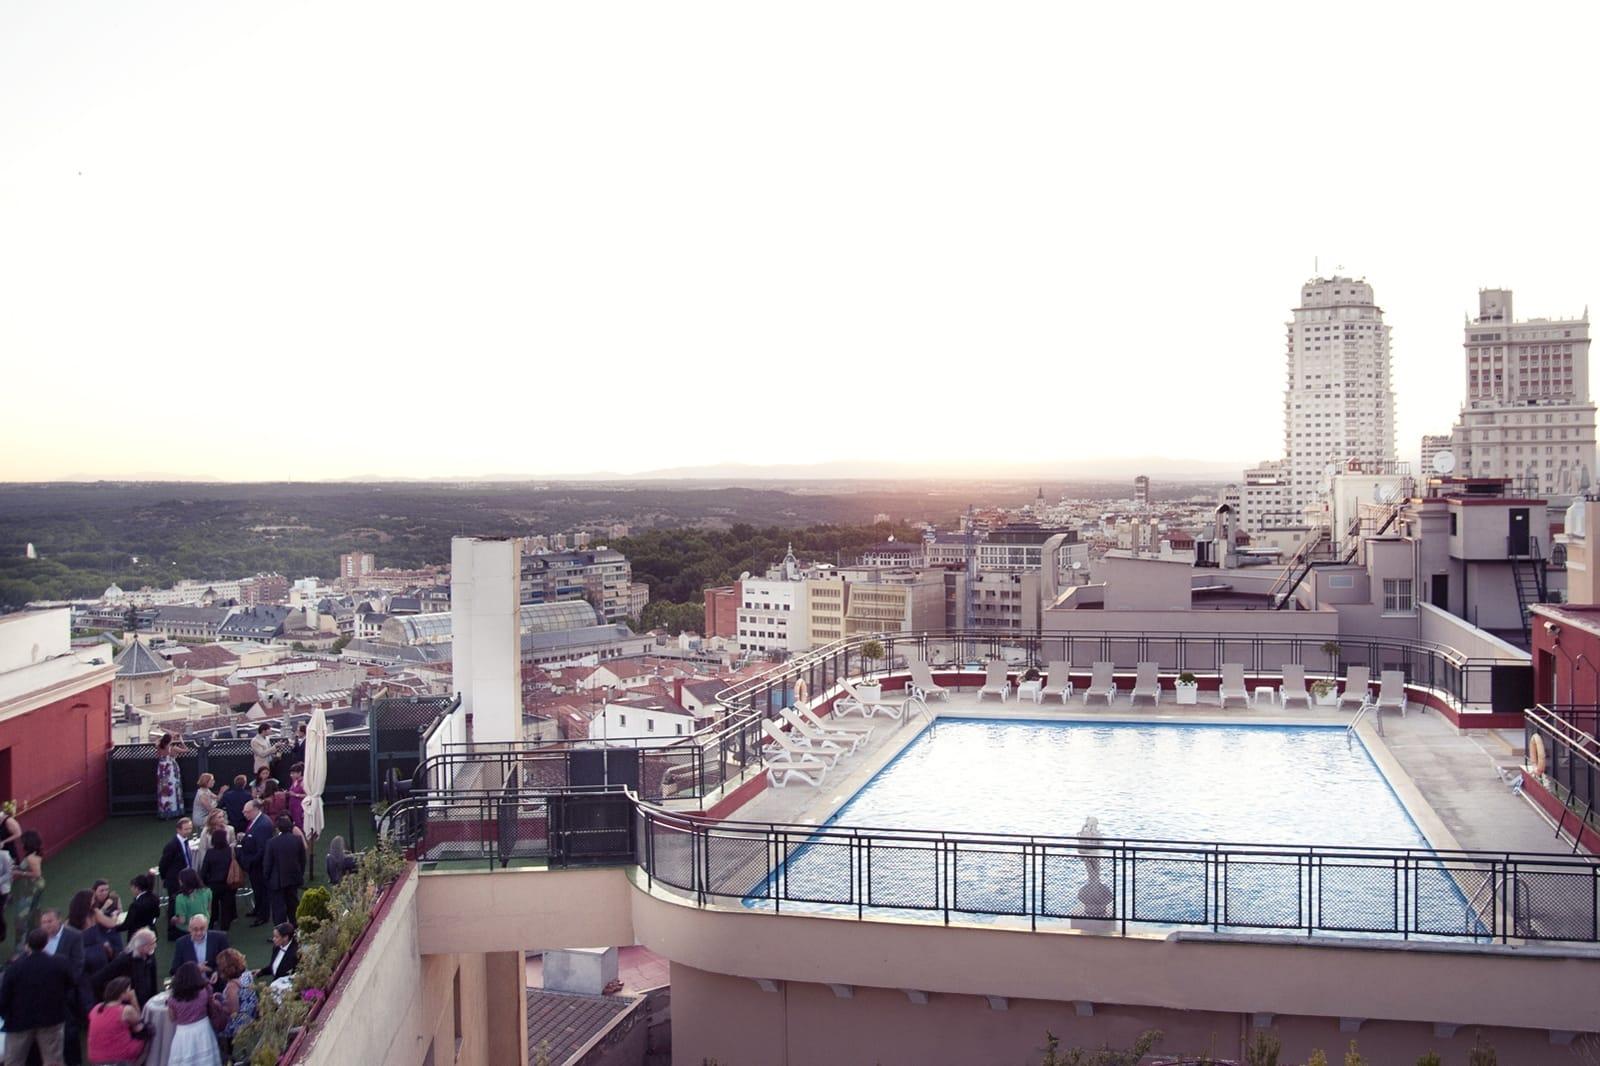 La terraza del hotel emperador viaje al atardecer - Piscina hotel emperador ...